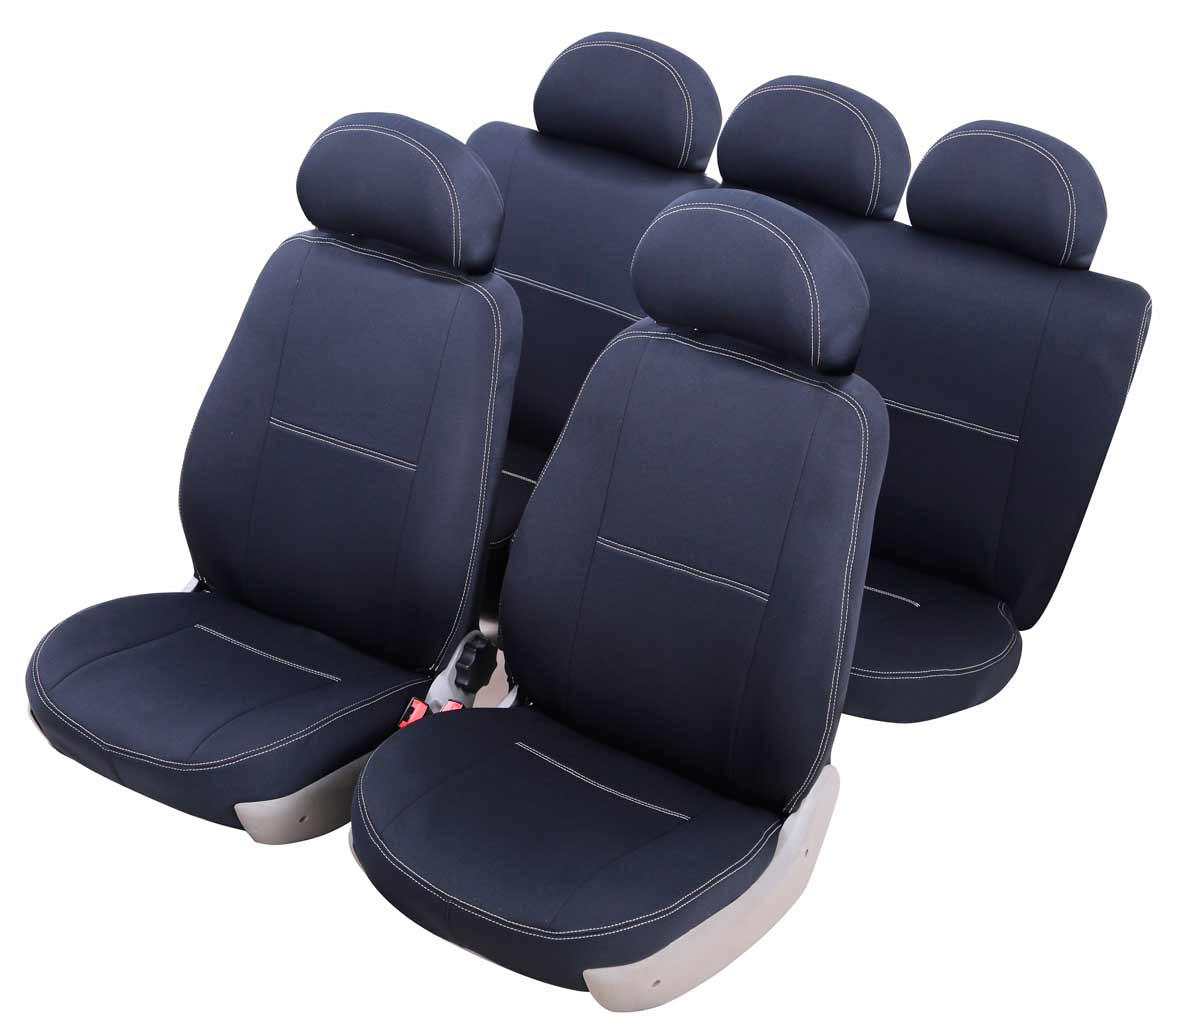 Чехол на автокресло Azard Standard, для Renault Logan (2004-2013 гг), седанFS-80423Модельные чехлы из полиэстера Azard Standard. Разработаны в РФ индивидуально для каждого автомобиля.Чехлы Azard Standard серийно выпускаются на собственном швейном производстве в России.Чехлы идеально повторяют штатную форму сидений и выглядят как оригинальная обивка сидений. Для простоты установки используется липучка Velcro, учтены все технологические отверстия.Чехлы сохраняют полную функциональность салона – трасформация сидений, возможность установки детских кресел ISOFIX, не препятствуют работе подушек безопасности AIRBAG и подогрева сидений.Дизайн чехлов Azard Standard приближен к оригинальной обивке салона. Декоративная контрастная прострочка по периметру авточехлов придает стильный и изысканный внешний вид интерьеру автомобиля.Чехлы Azard Standard изготовлены из полиэстера, триплированного огнеупорным поролоном толщиной 3 мм, за счет чего чехол приобретает дополнительную мягкость. Подложка из спандбонда сохраняет свойства поролона и предотвращает его разрушение.Авточехлы Azard Standard просты в уходе – загрязнения легко удаляются влажной тканью.